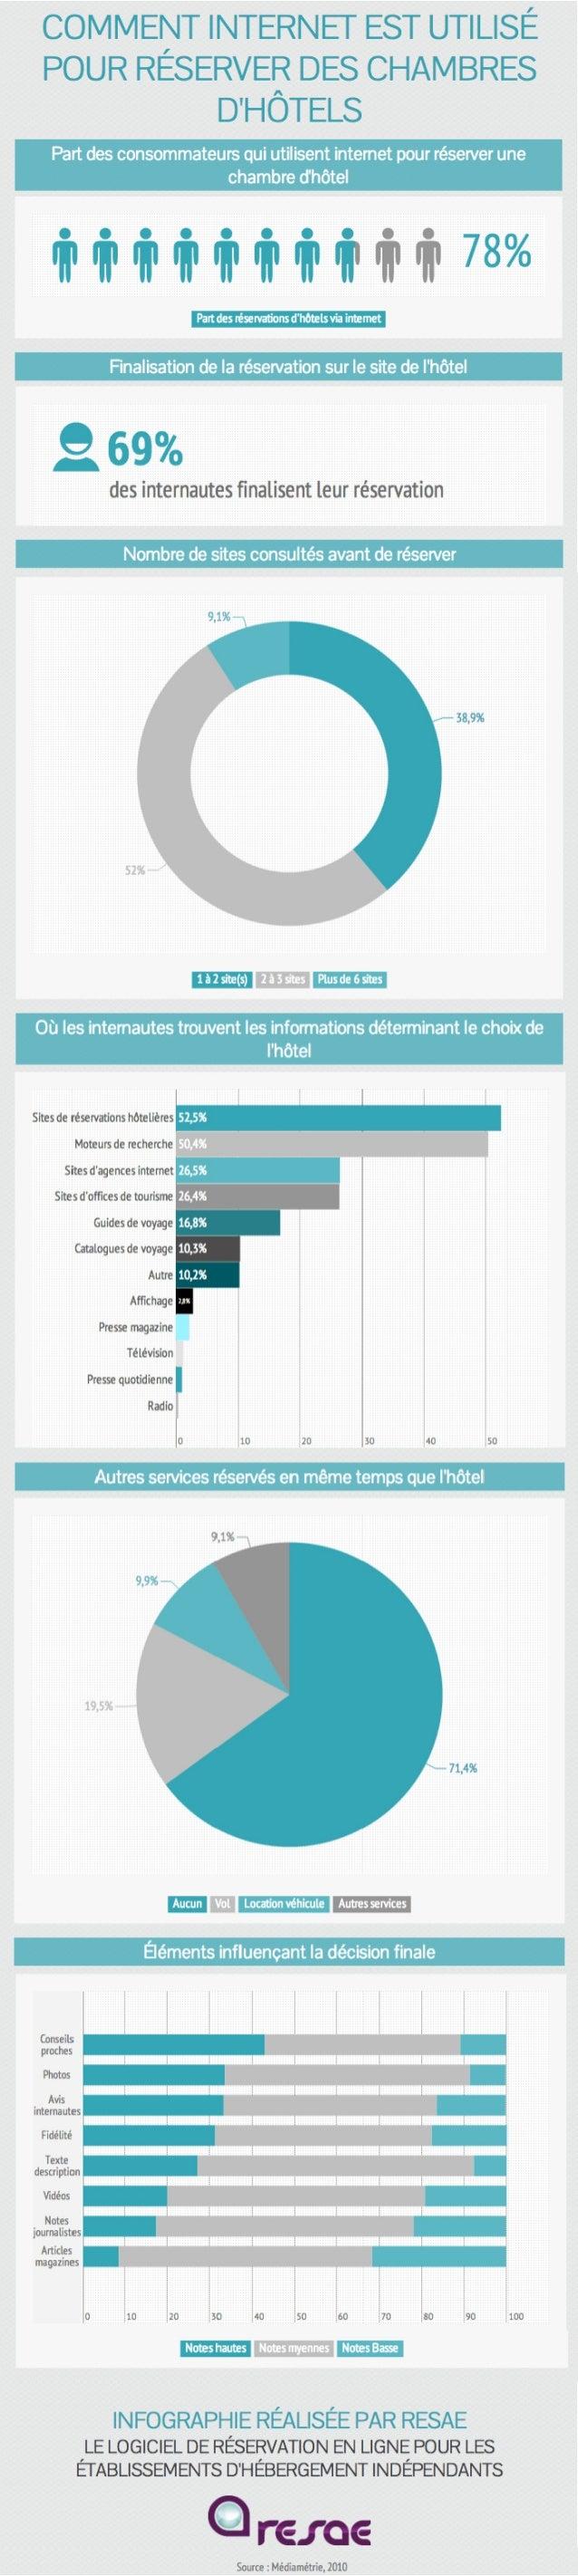 [Infographie] Comment internet est utilisé pour réserver des chambres d'hôtels ?